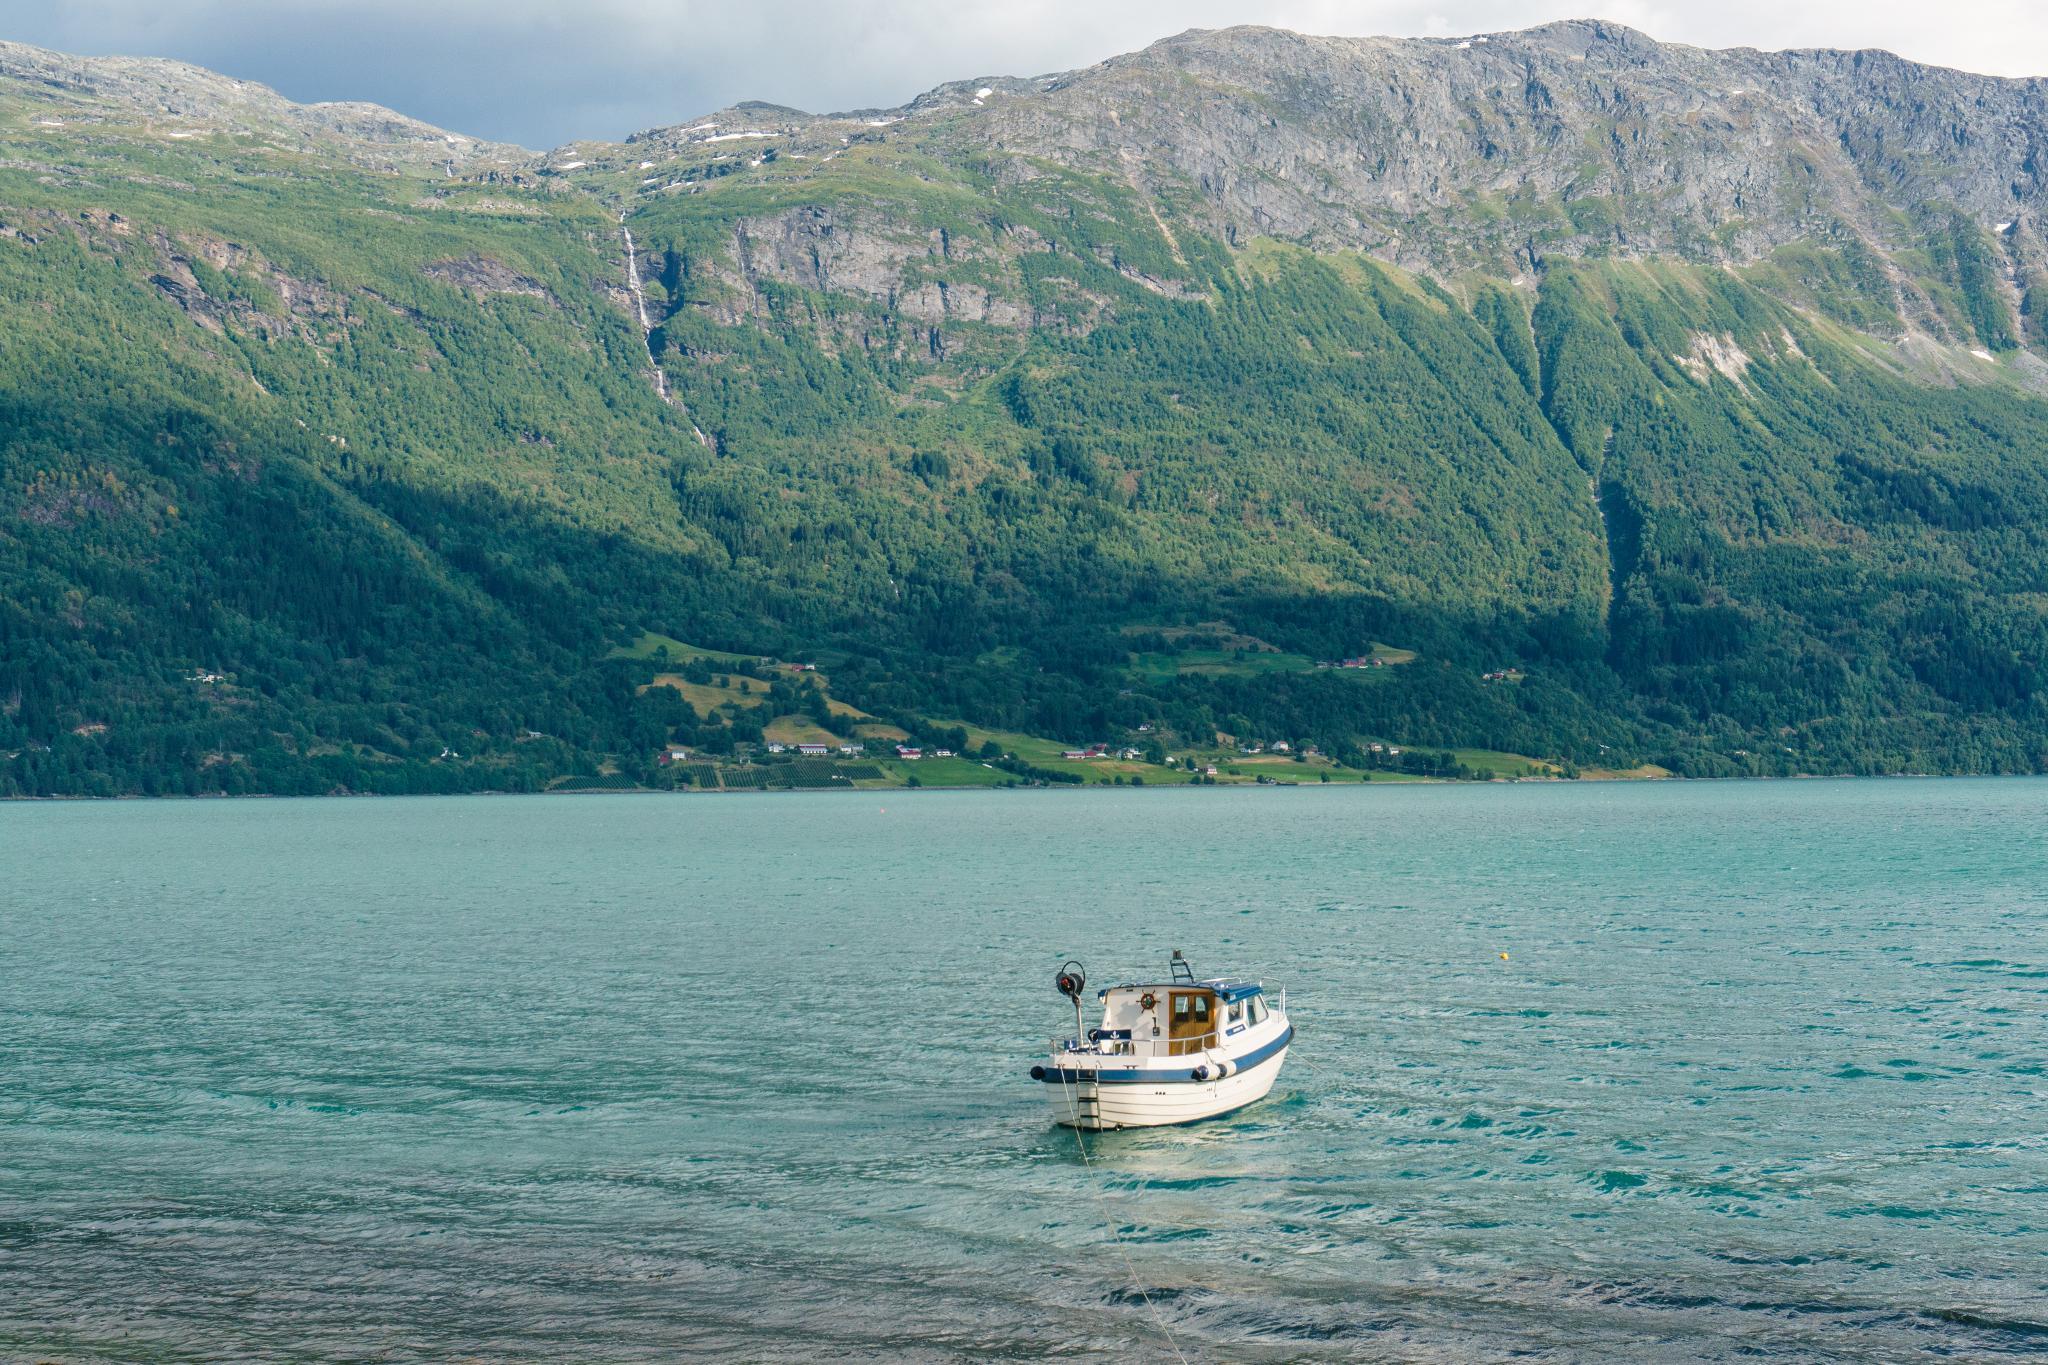 【北歐景點】穿越挪威的屋脊 - 前進北歐最美的冰原景觀公路 Fv55松恩山路 (Sognefjellet) 40